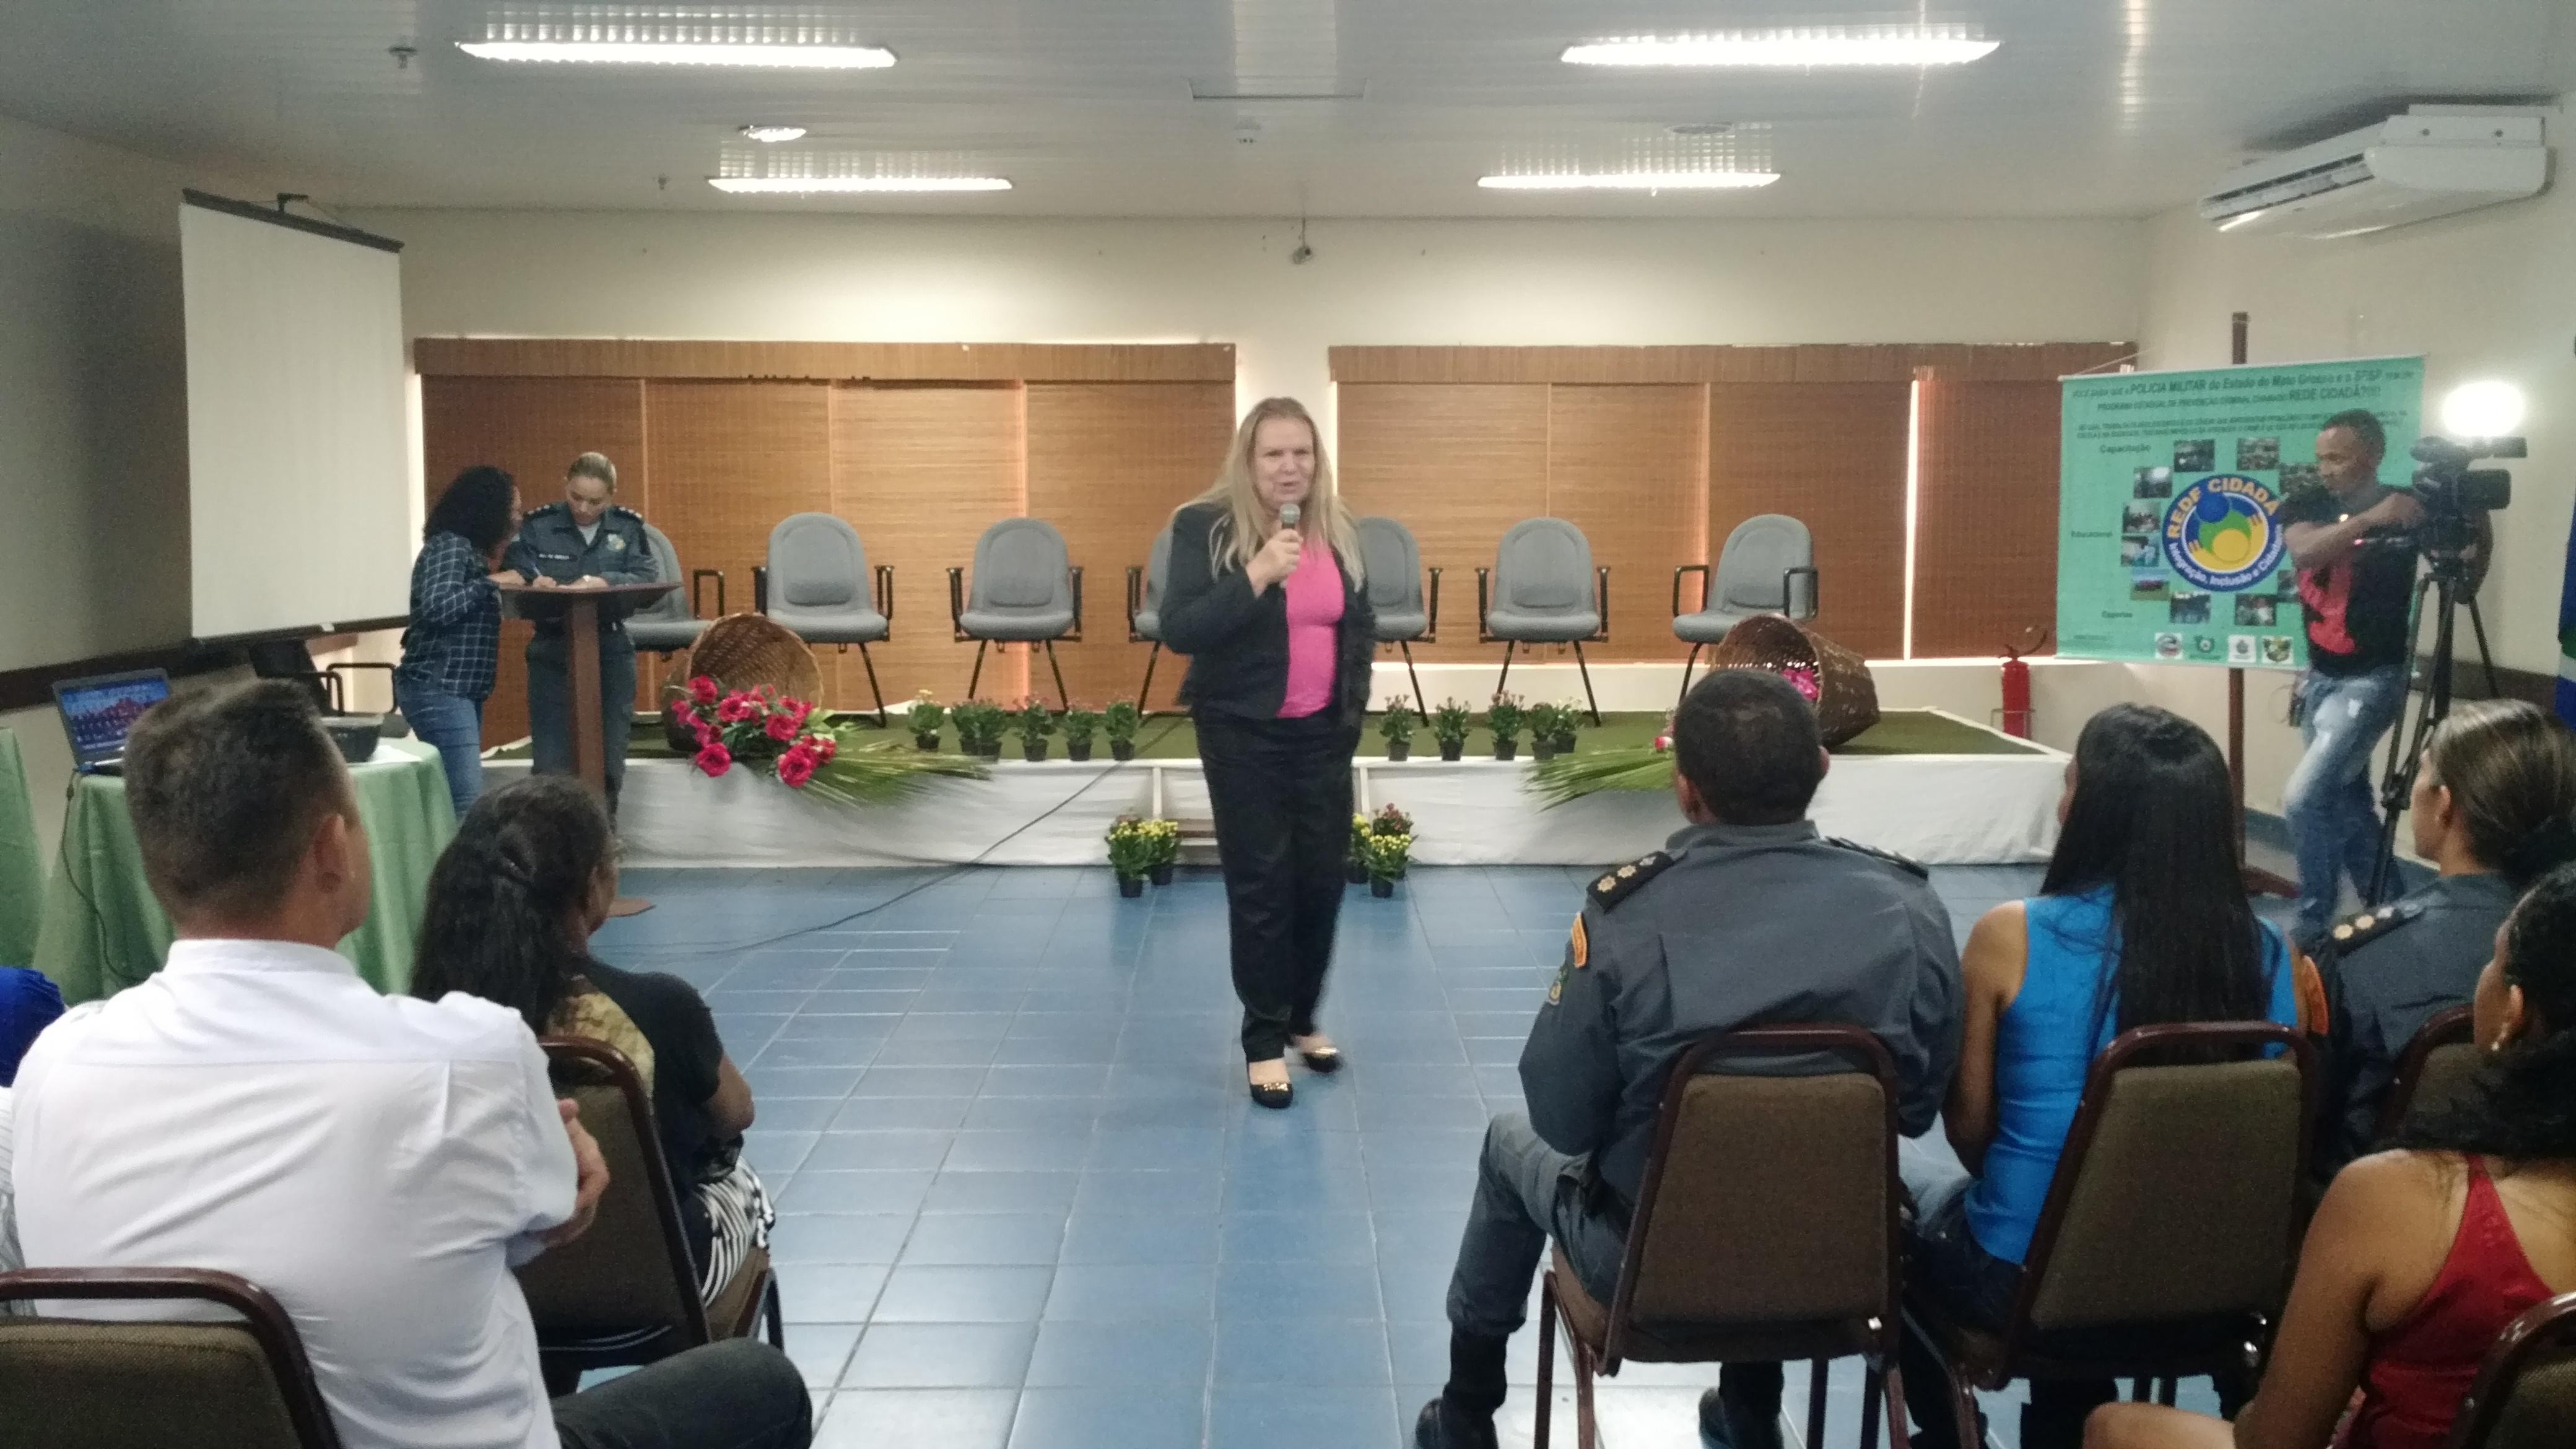 Desembargadora fala da luta das mulheres por igualdade (Foto: Dani Cunha)